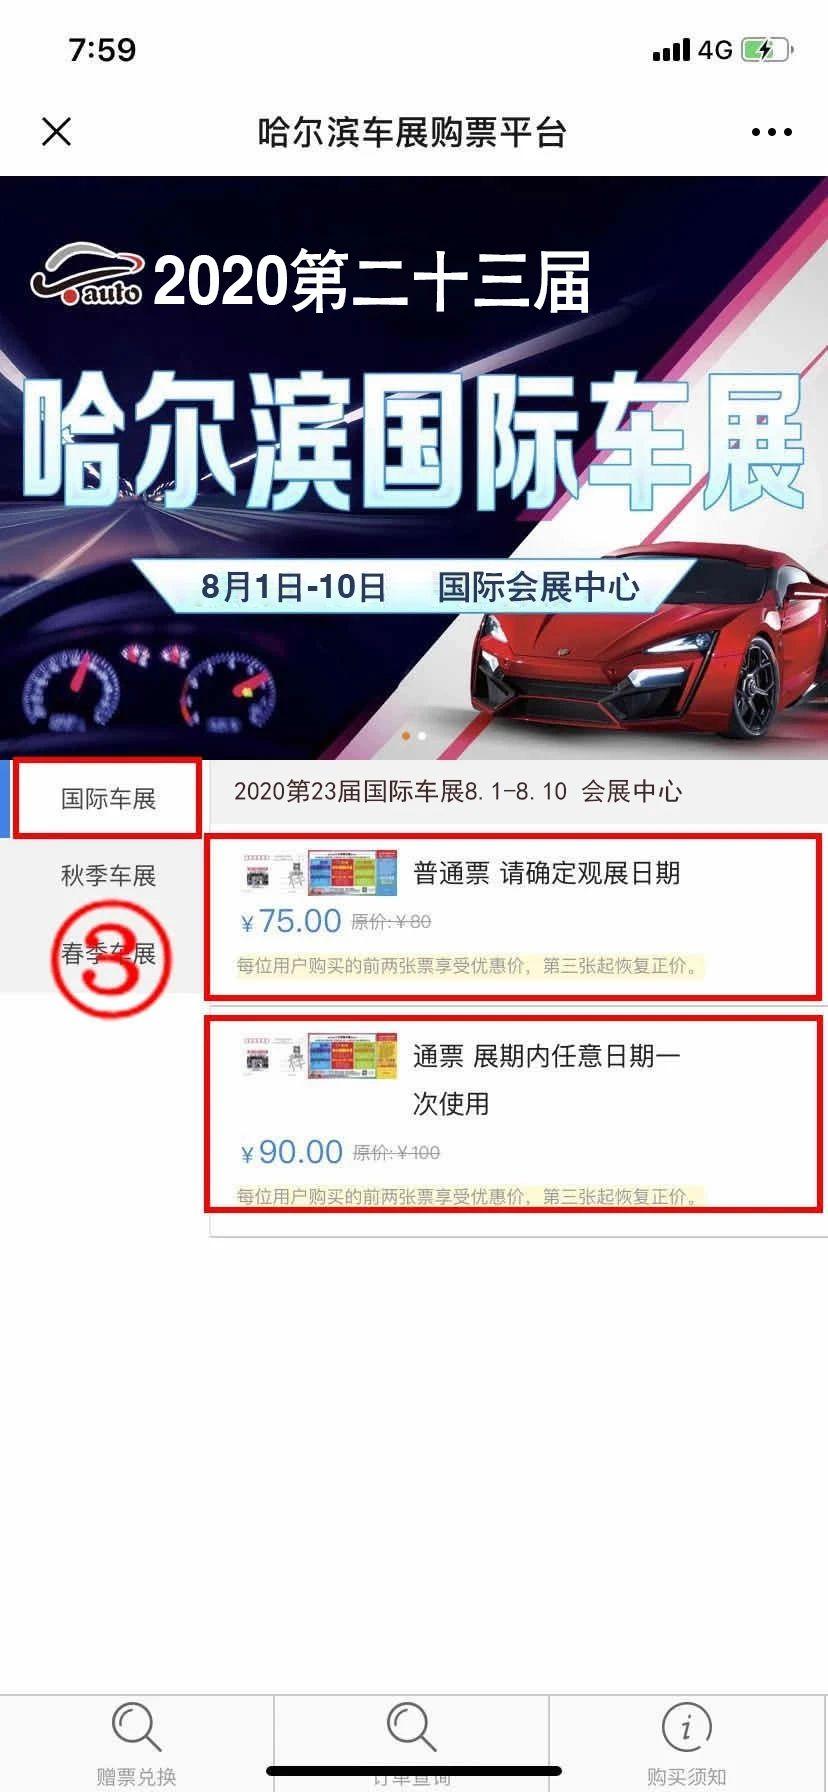 哈尔滨国际车展门票